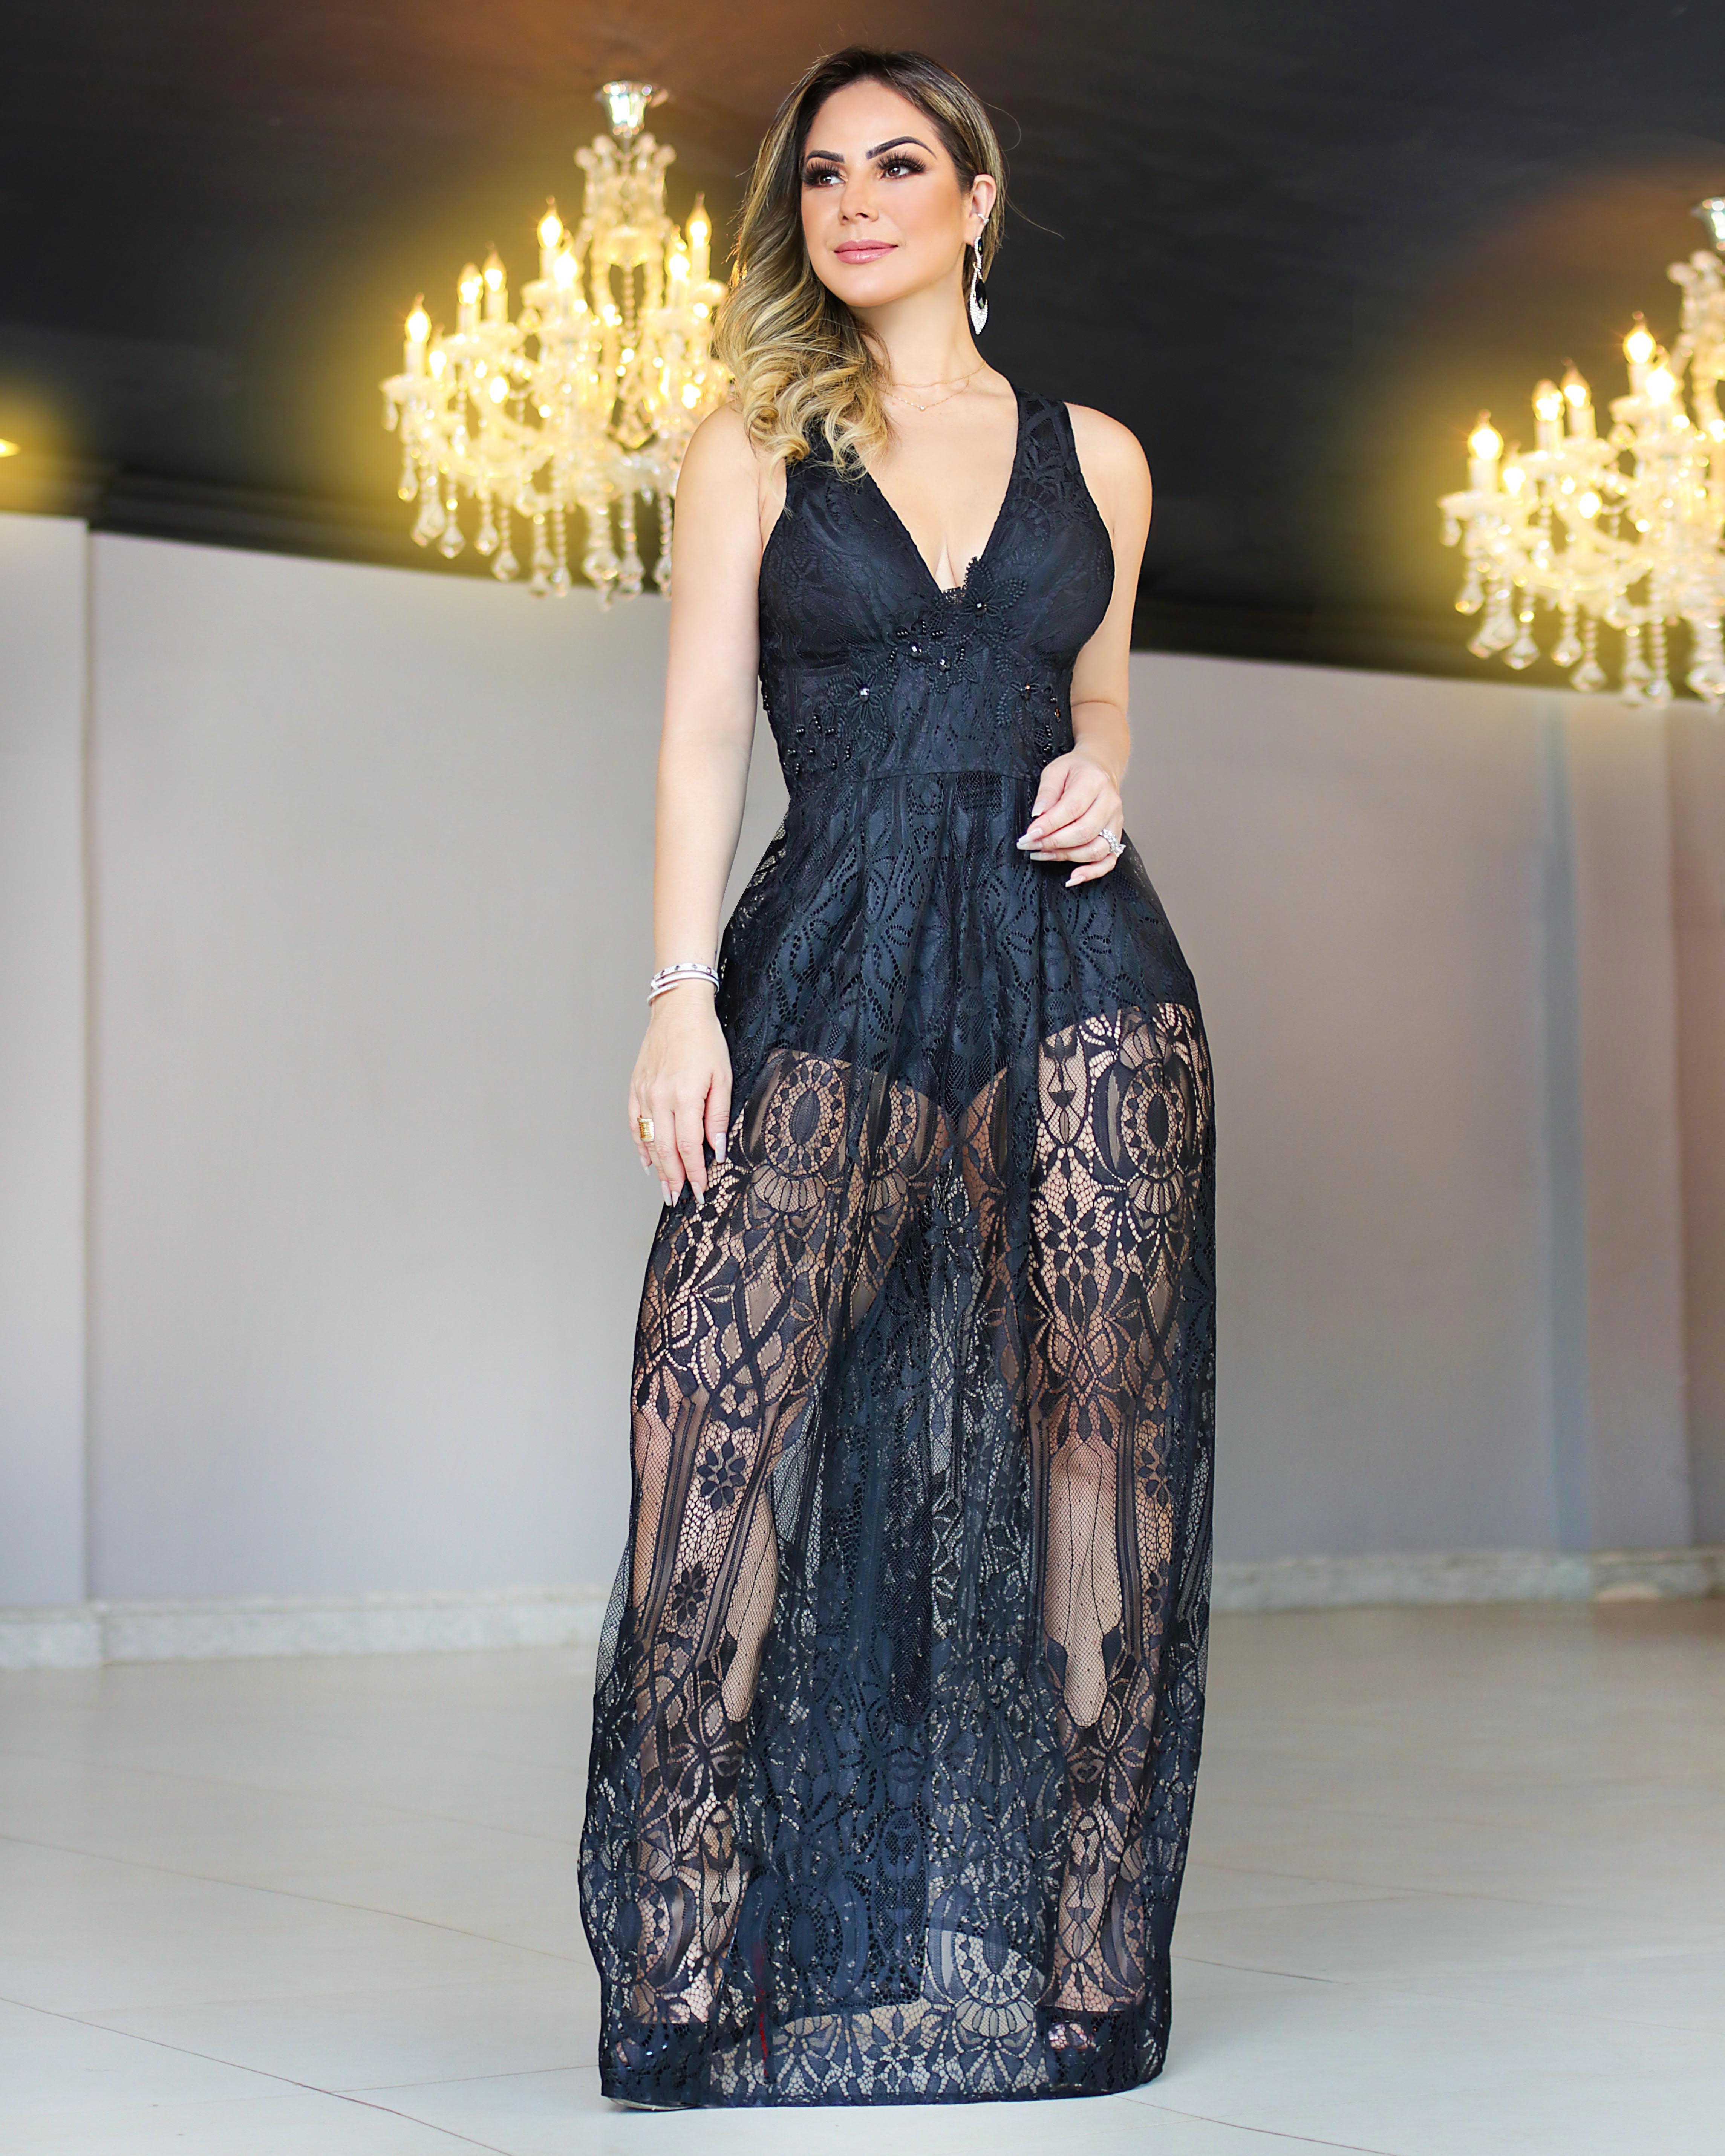 6e17ef2d4 Vestido Chique, Vestido Tubinho, Vestido De Festa, Roupas Vintage,  Macaquinho, Moda